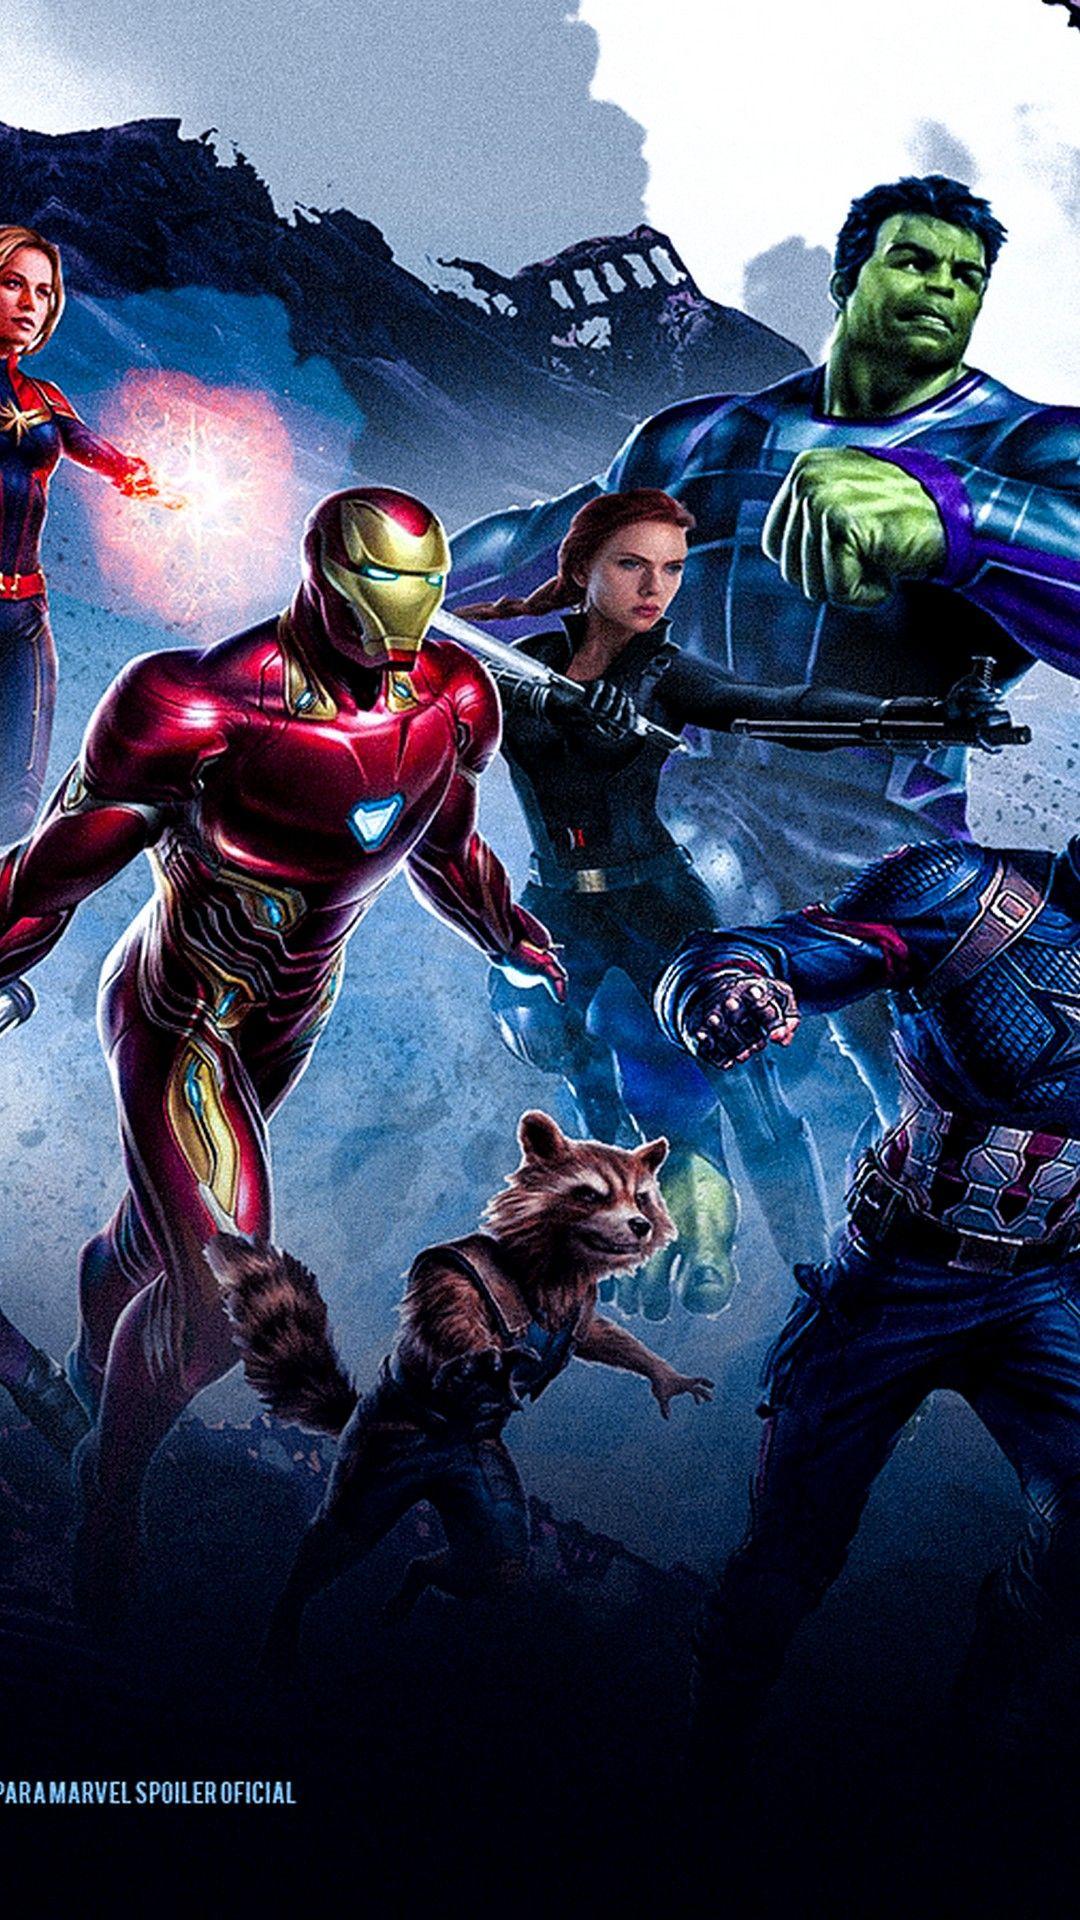 Avengers Endgame Poster HD Avengers wallpaper, Avengers